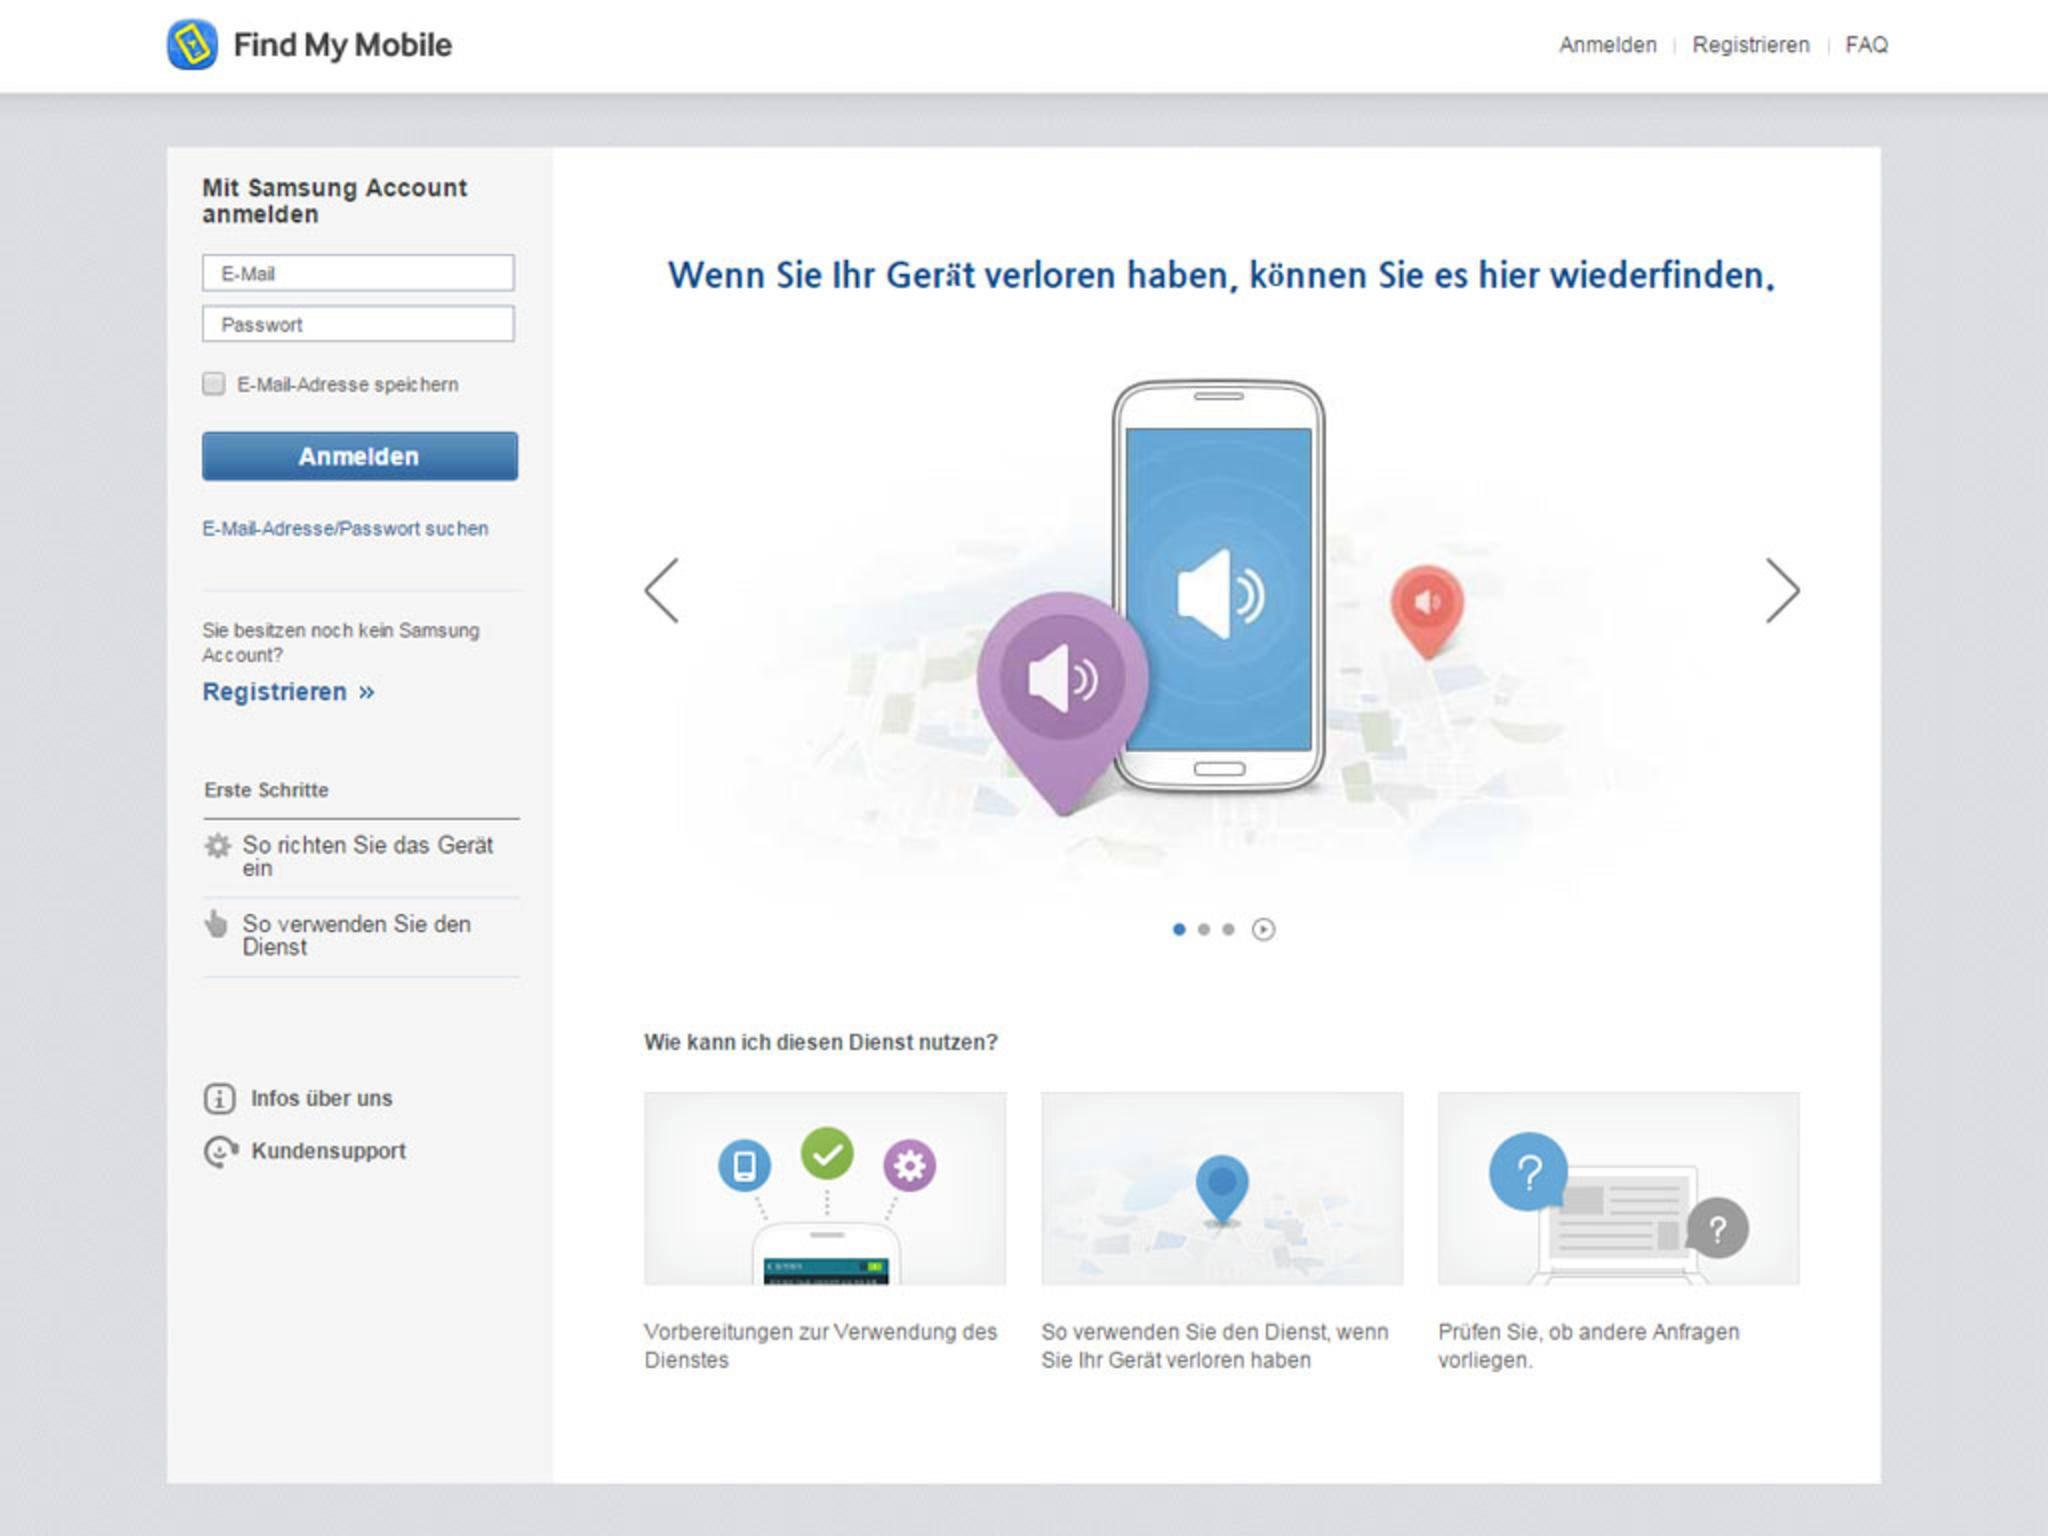 Zum Orten musst Du Dich mit Deinem Samsung-Konto bei findmymobile.samsung.com einloggen.